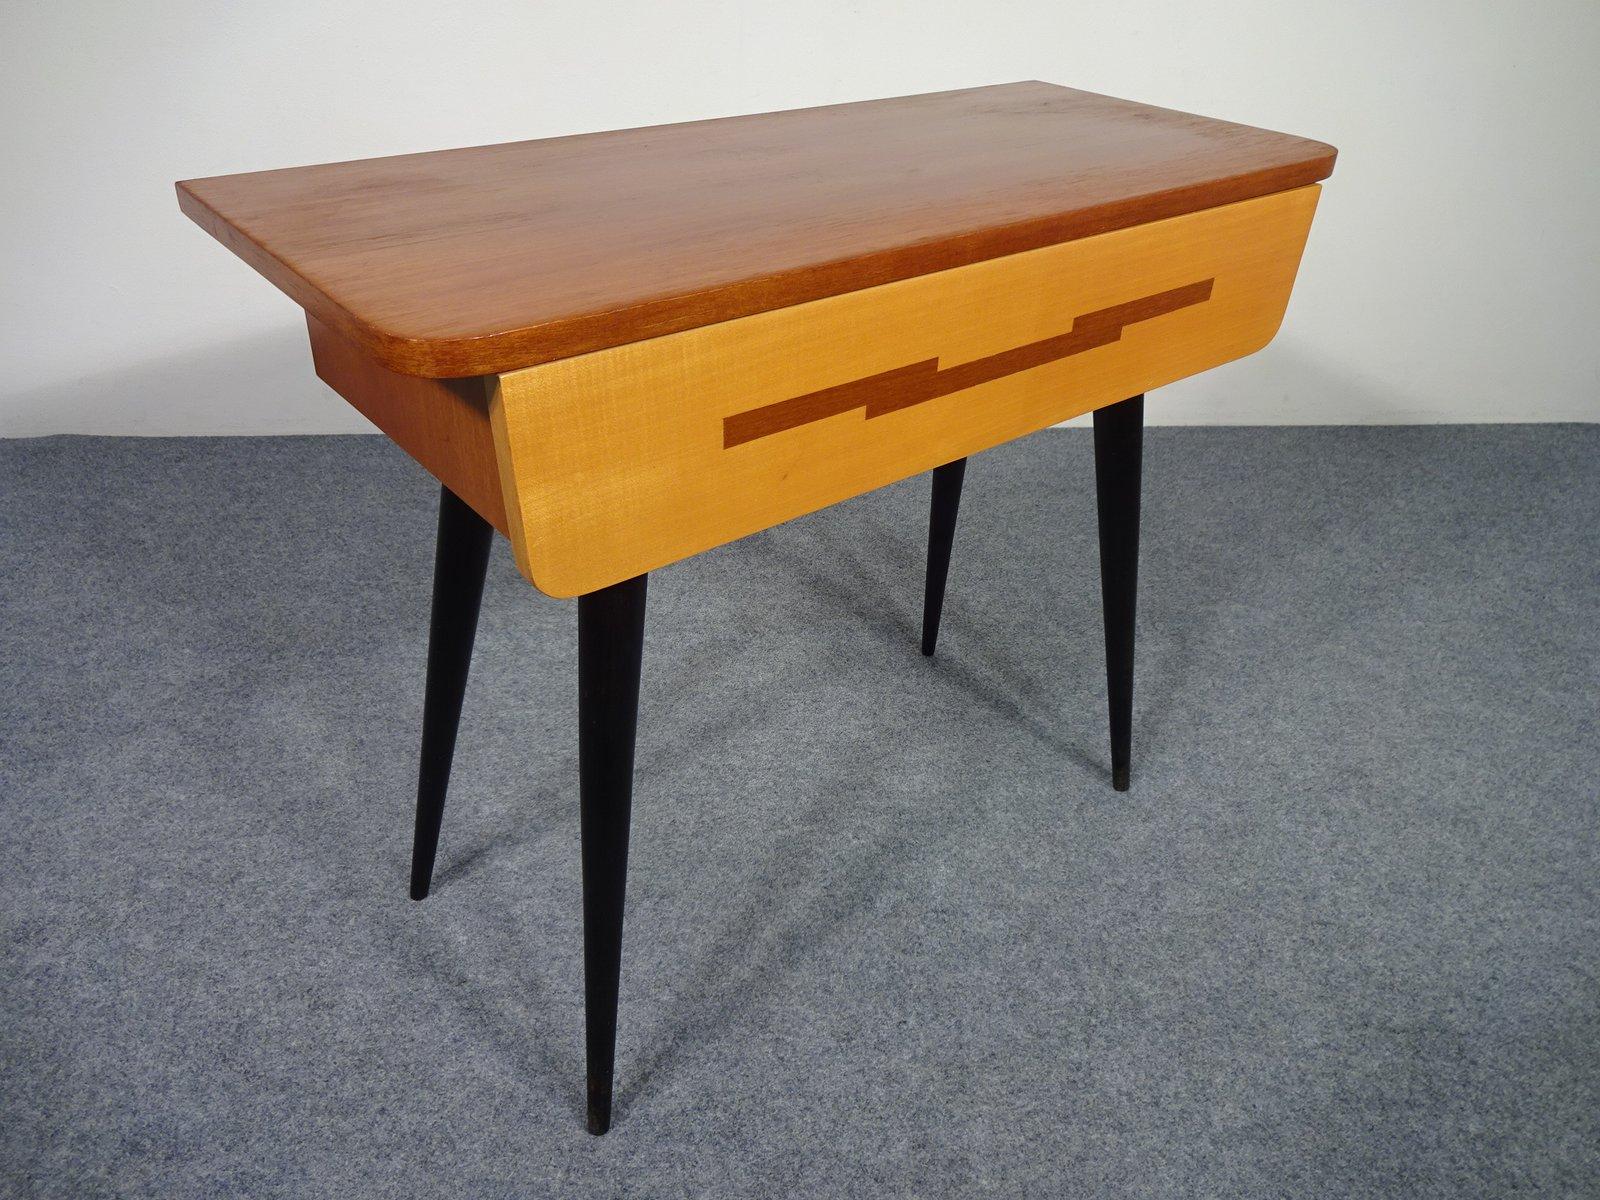 Tisch Mit Schublade   Esstisch Mit Schublade Inspirierend Jan Kurtz ...